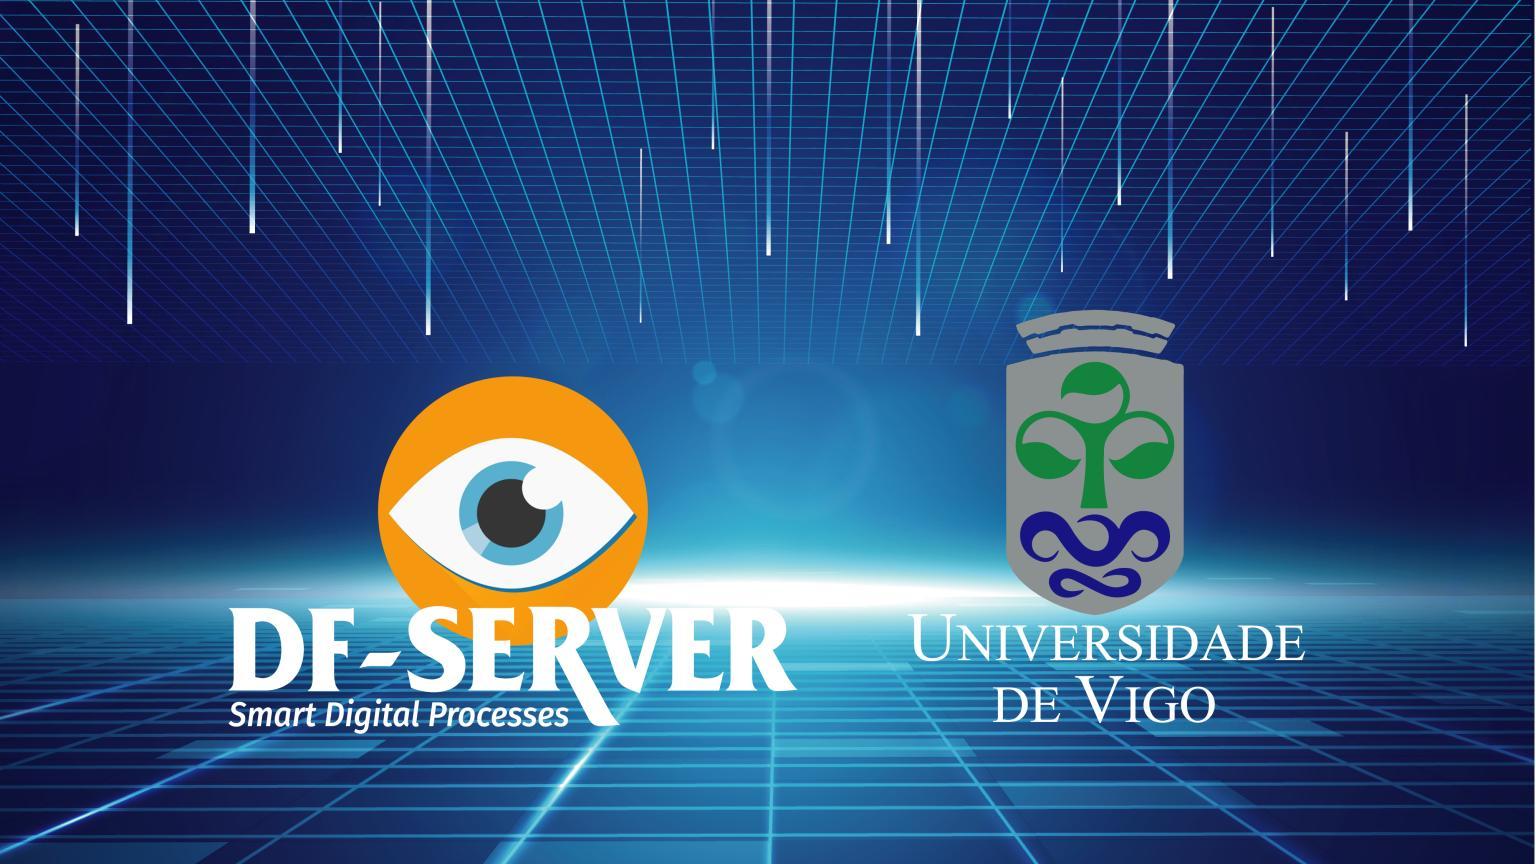 Jornada de gestión documental en Universidade de Vigo.